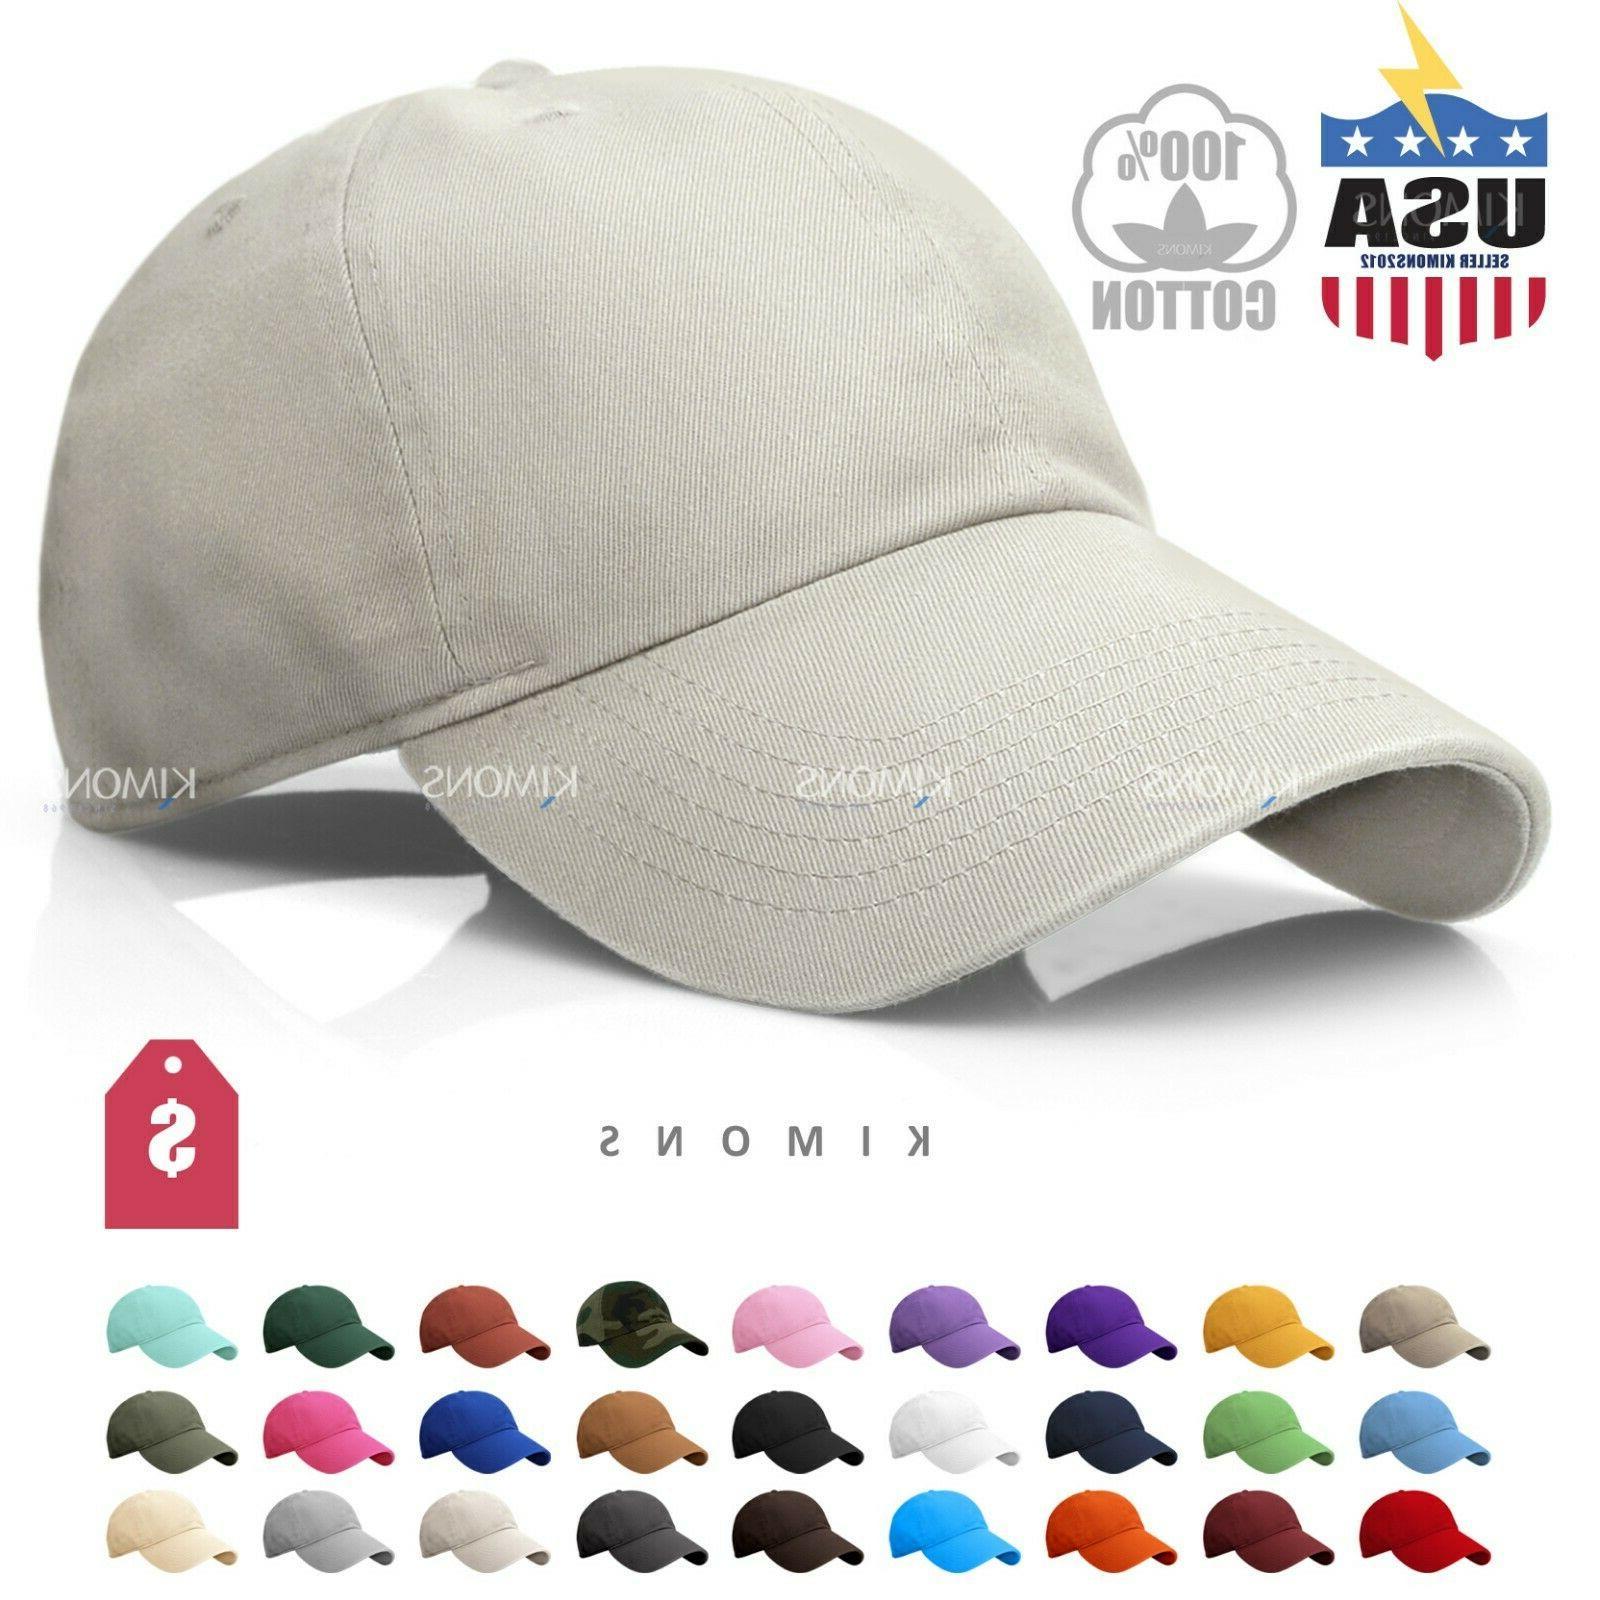 polo style cotton baseball cap ball dad